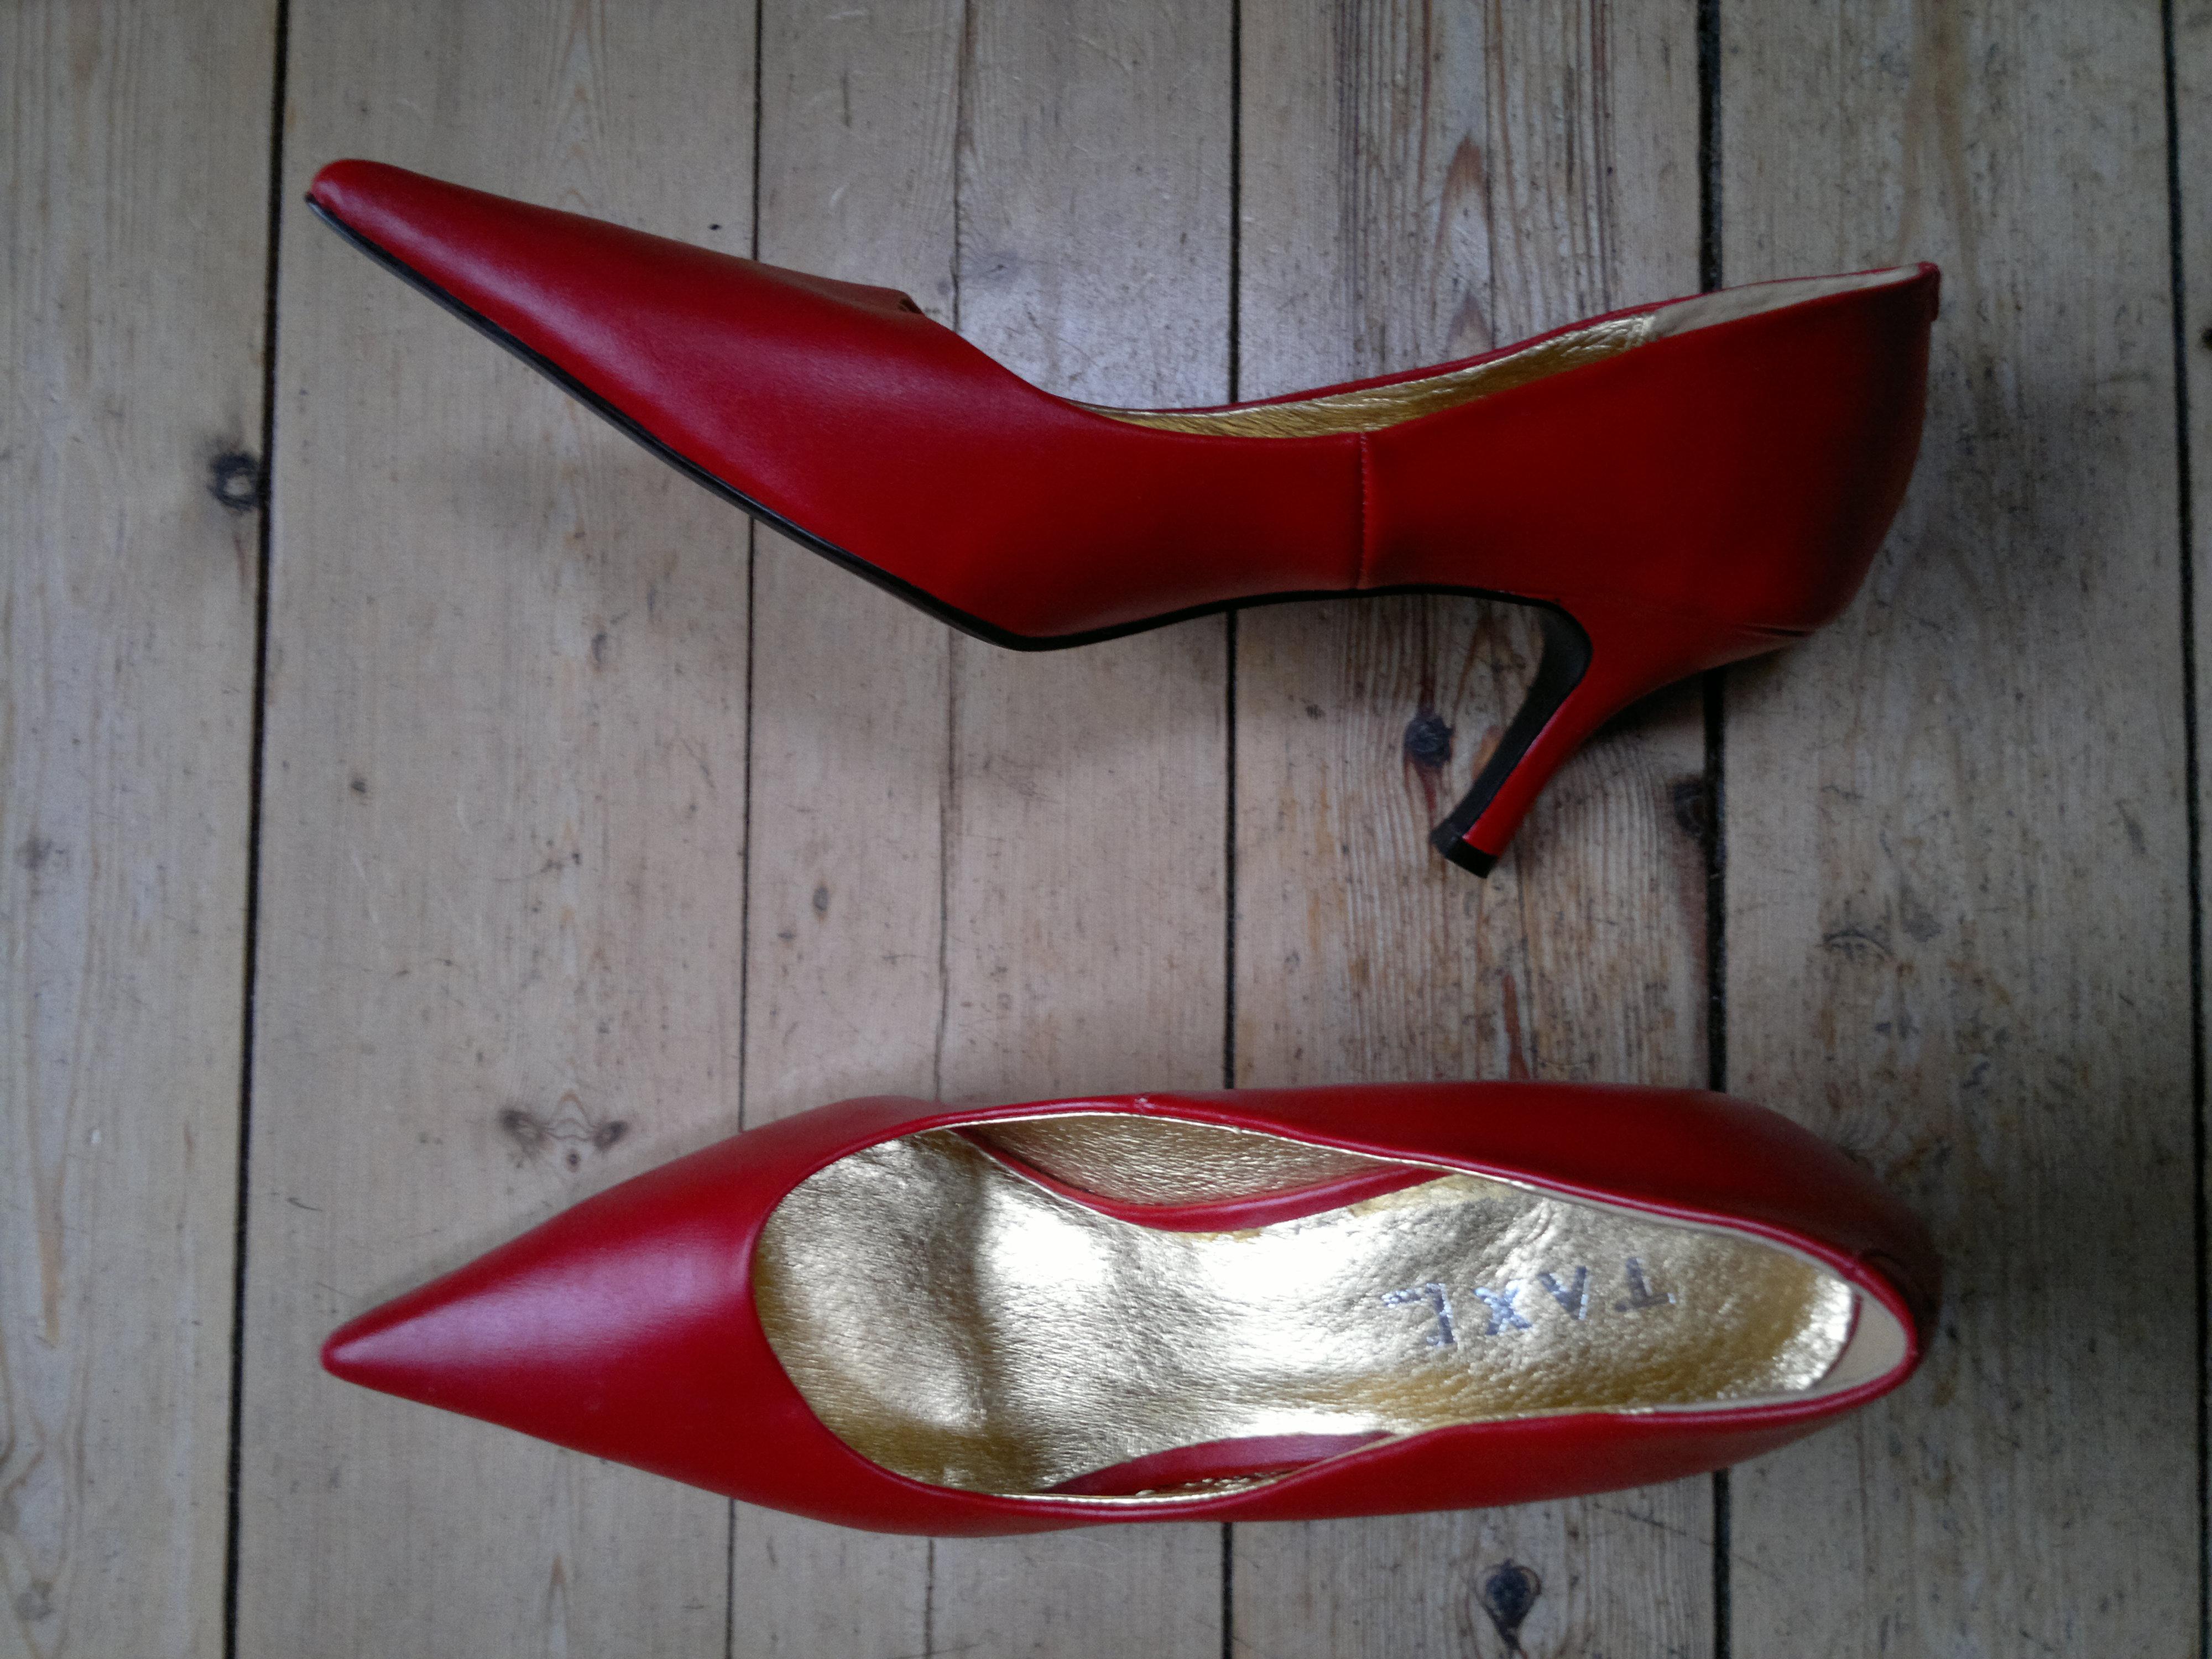 64353102aac I december begyndte jeg at få idéer til værker, hvori der skal indgå sko,  højhælede sko. Derfor efterlyste jeg brugte, endnu ikke kasserede sko på en  ...